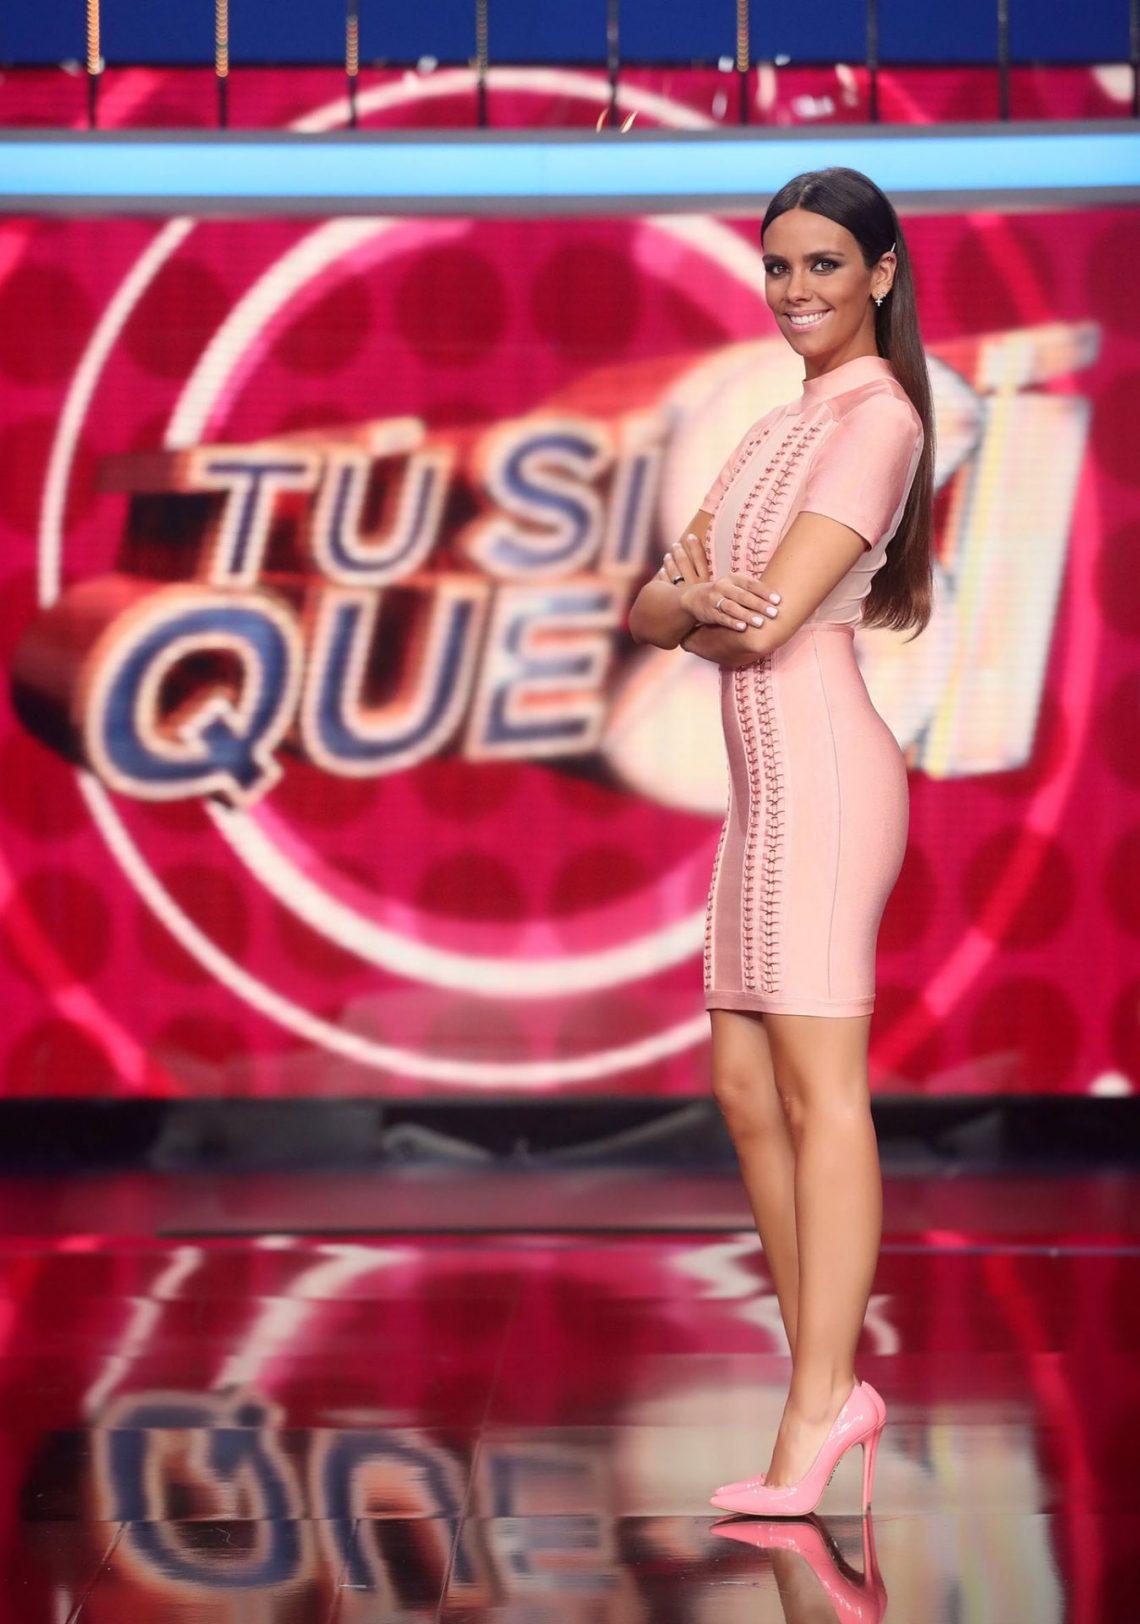 El talent show de Cristina Pedroche, 'Tú sí que sí', ya tiene fecha de estreno